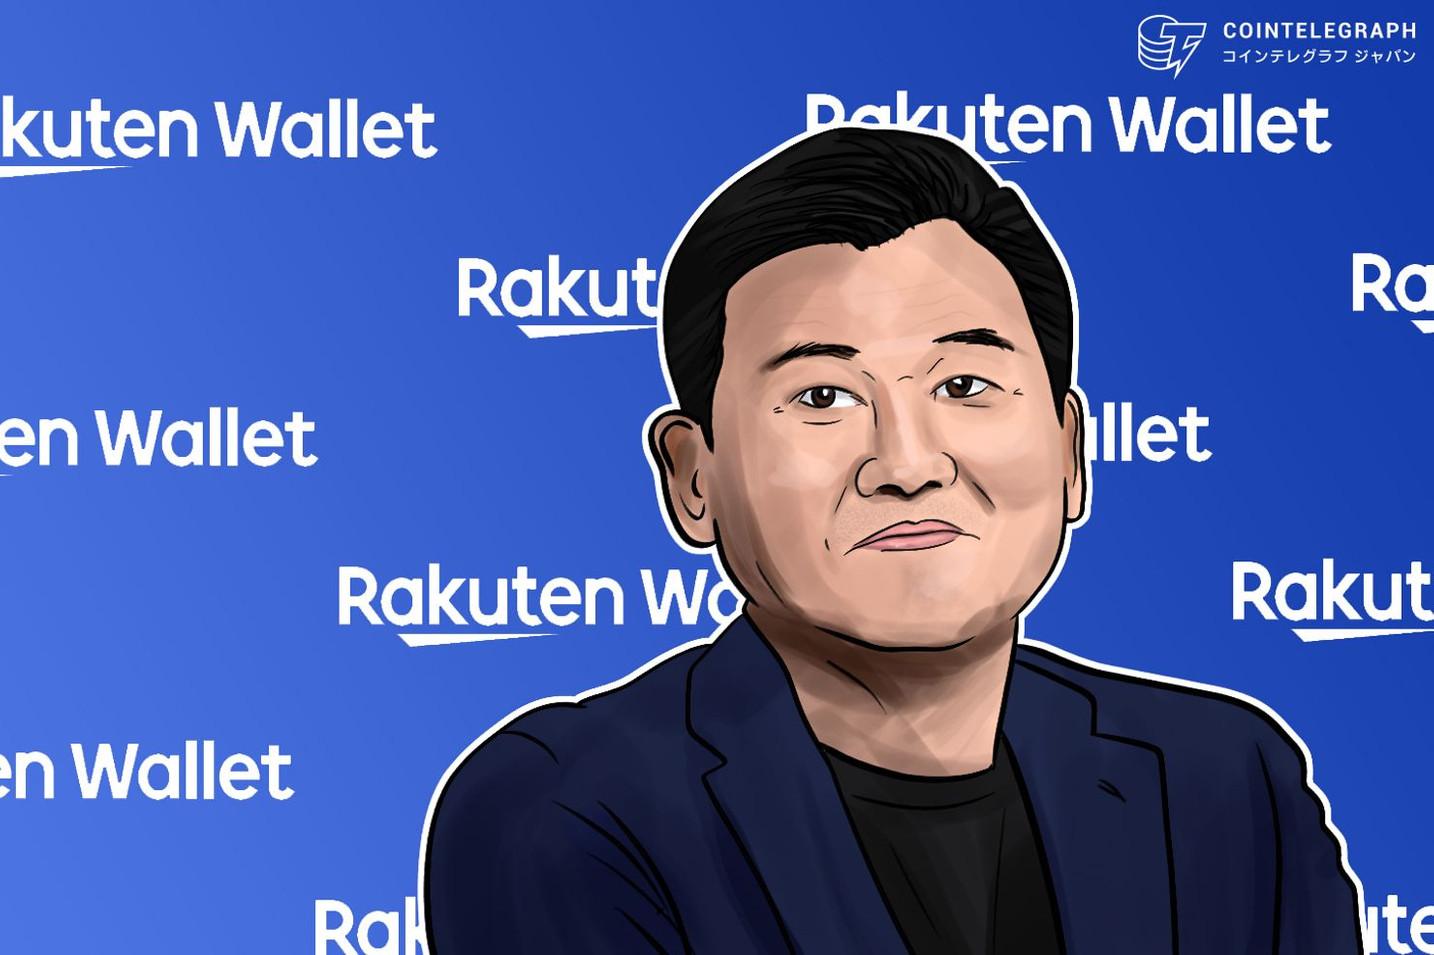 楽天の仮想通貨取引所 楽天ウォレット ビットコインSVを日本円で交付へ コインチェックに続き対応発表